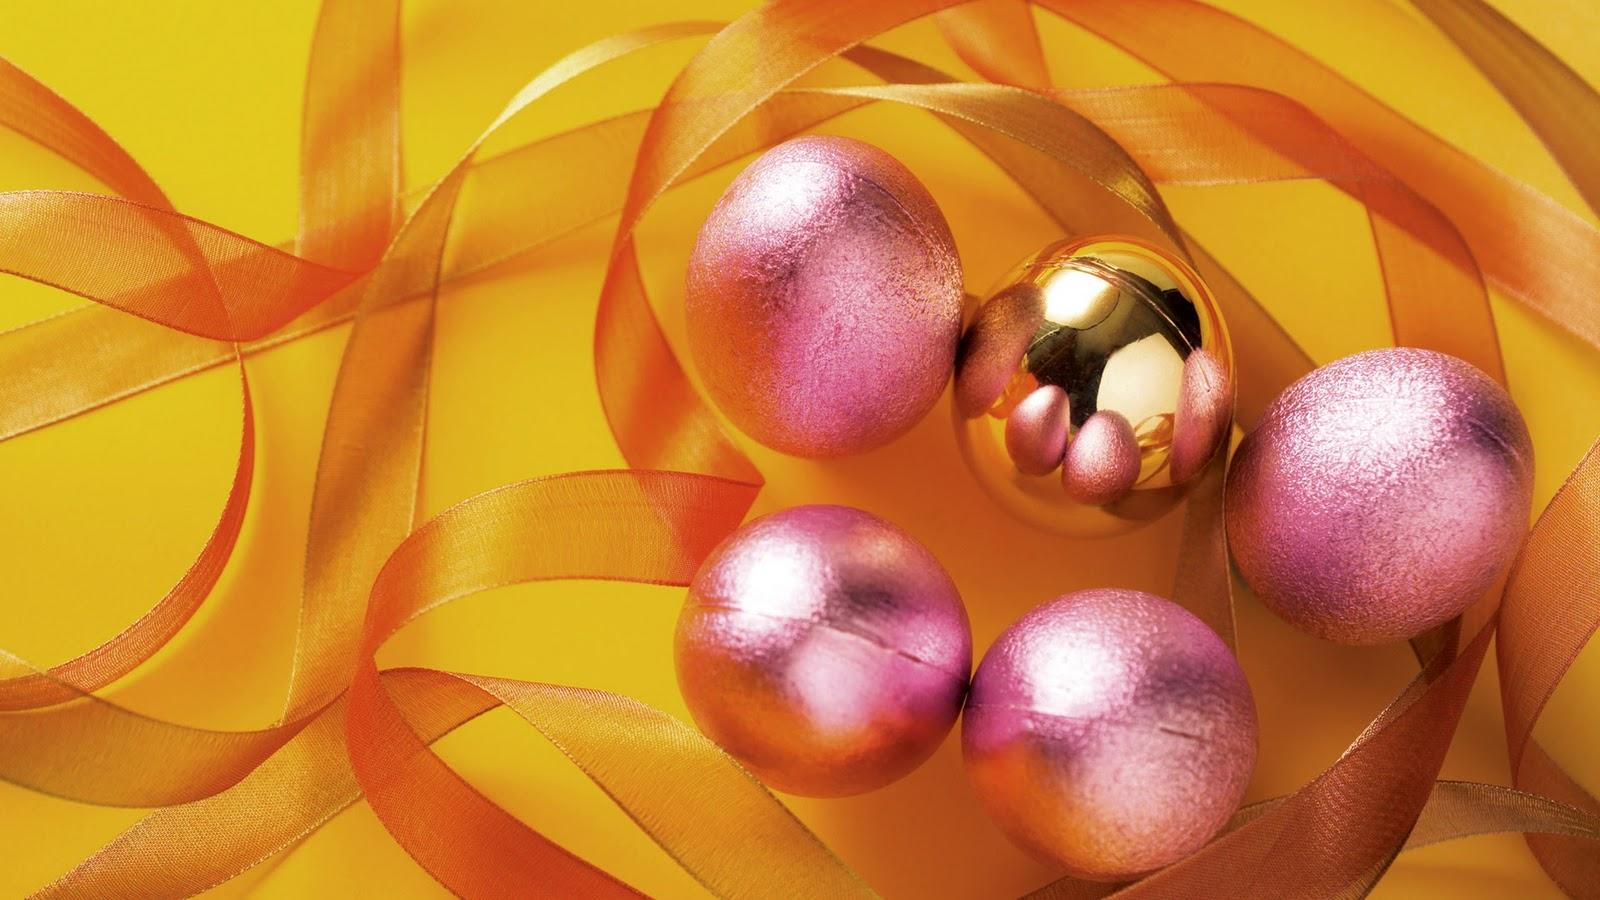 Free desktop background wallpapers desktop wallpapers free merry free merry christmas greeting cards free christmas wallpapers kristyandbryce Gallery